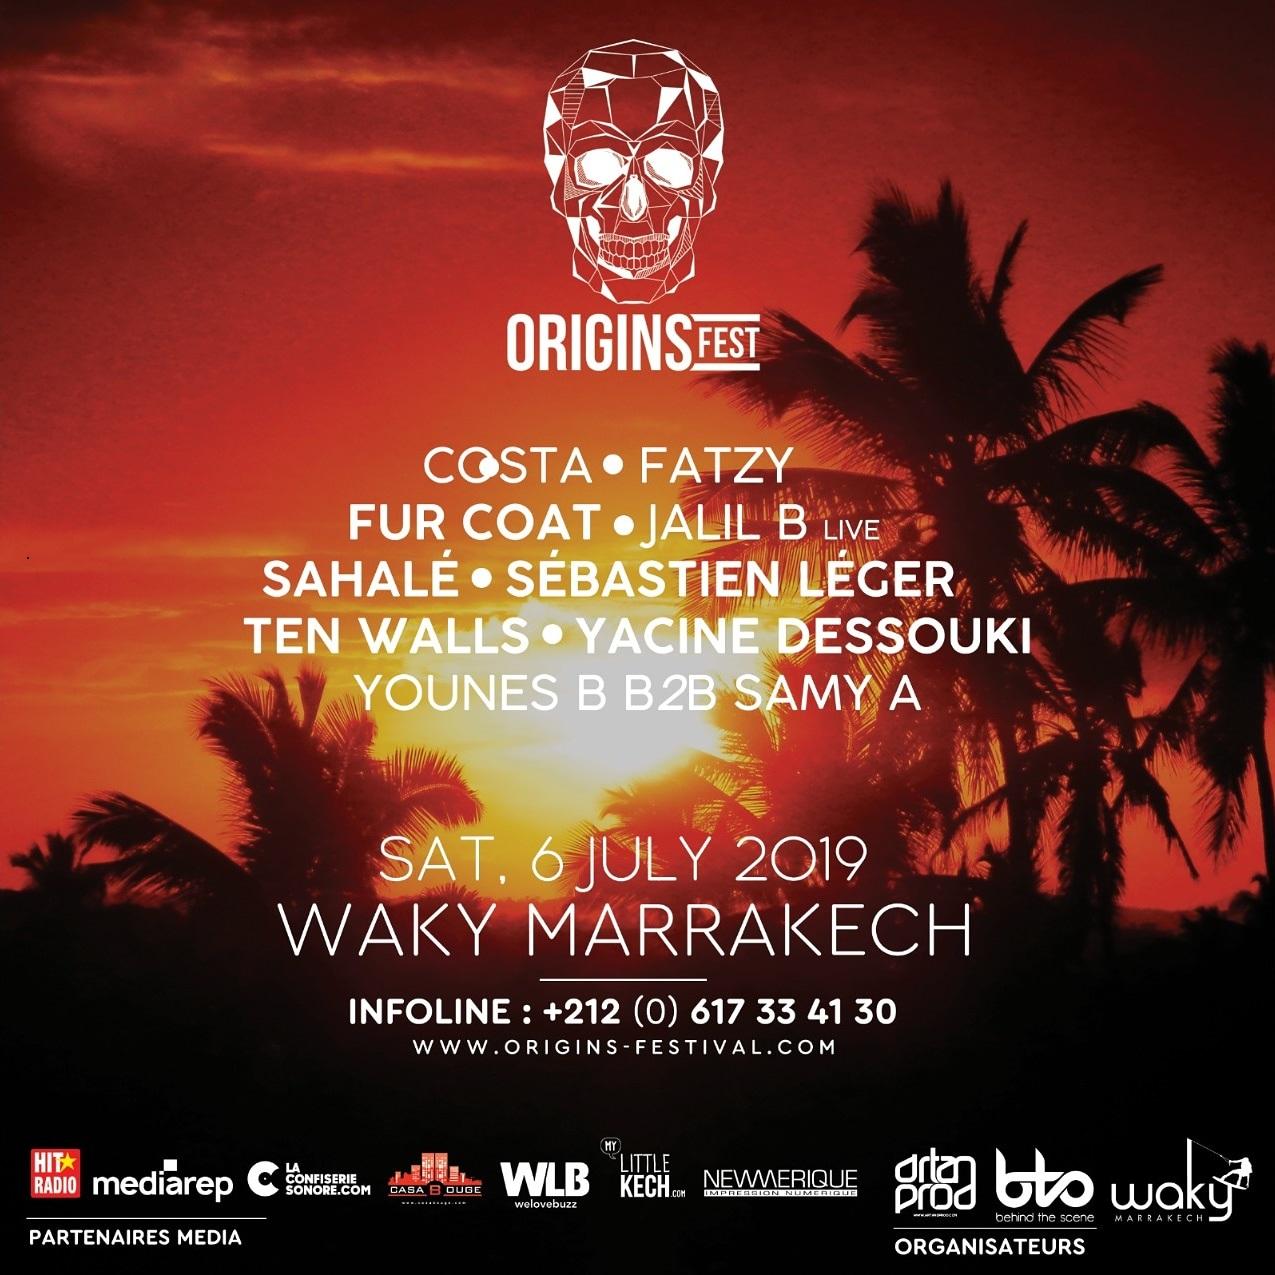 2èmeédition d'Origins Festival Marrakech (6-7 juillet)